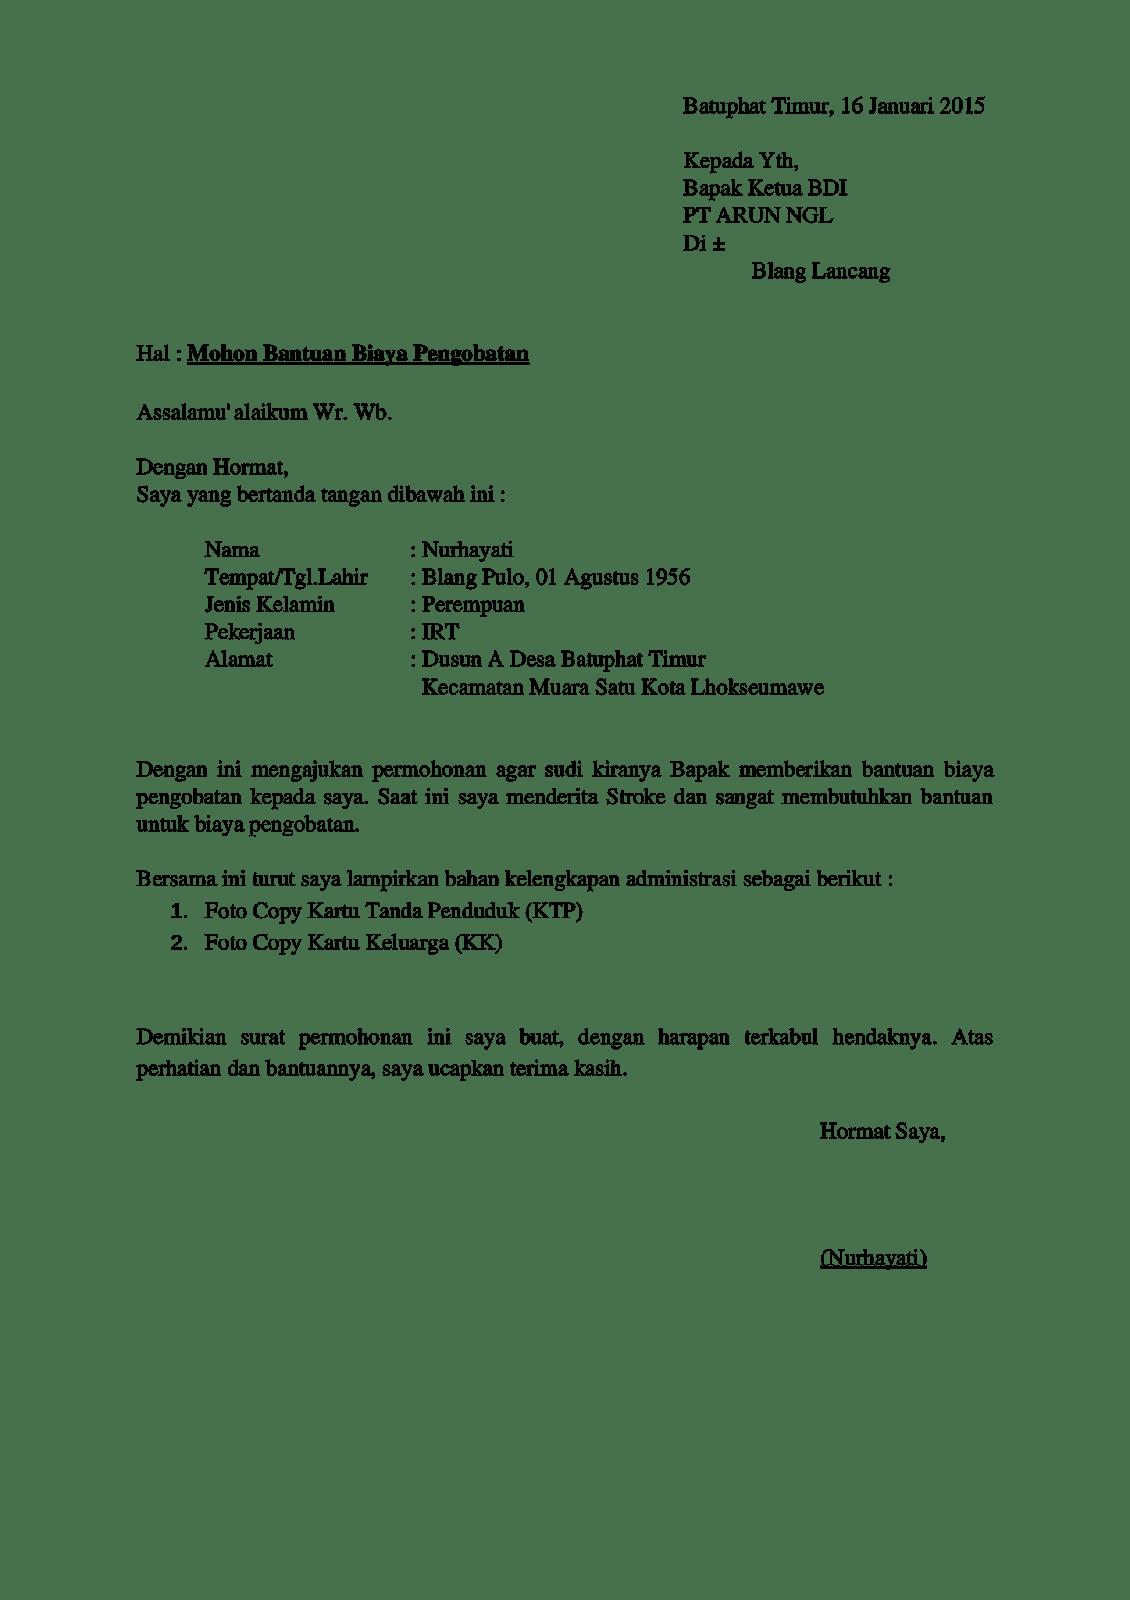 contoh surat permohonan bantuan barang ke dinas